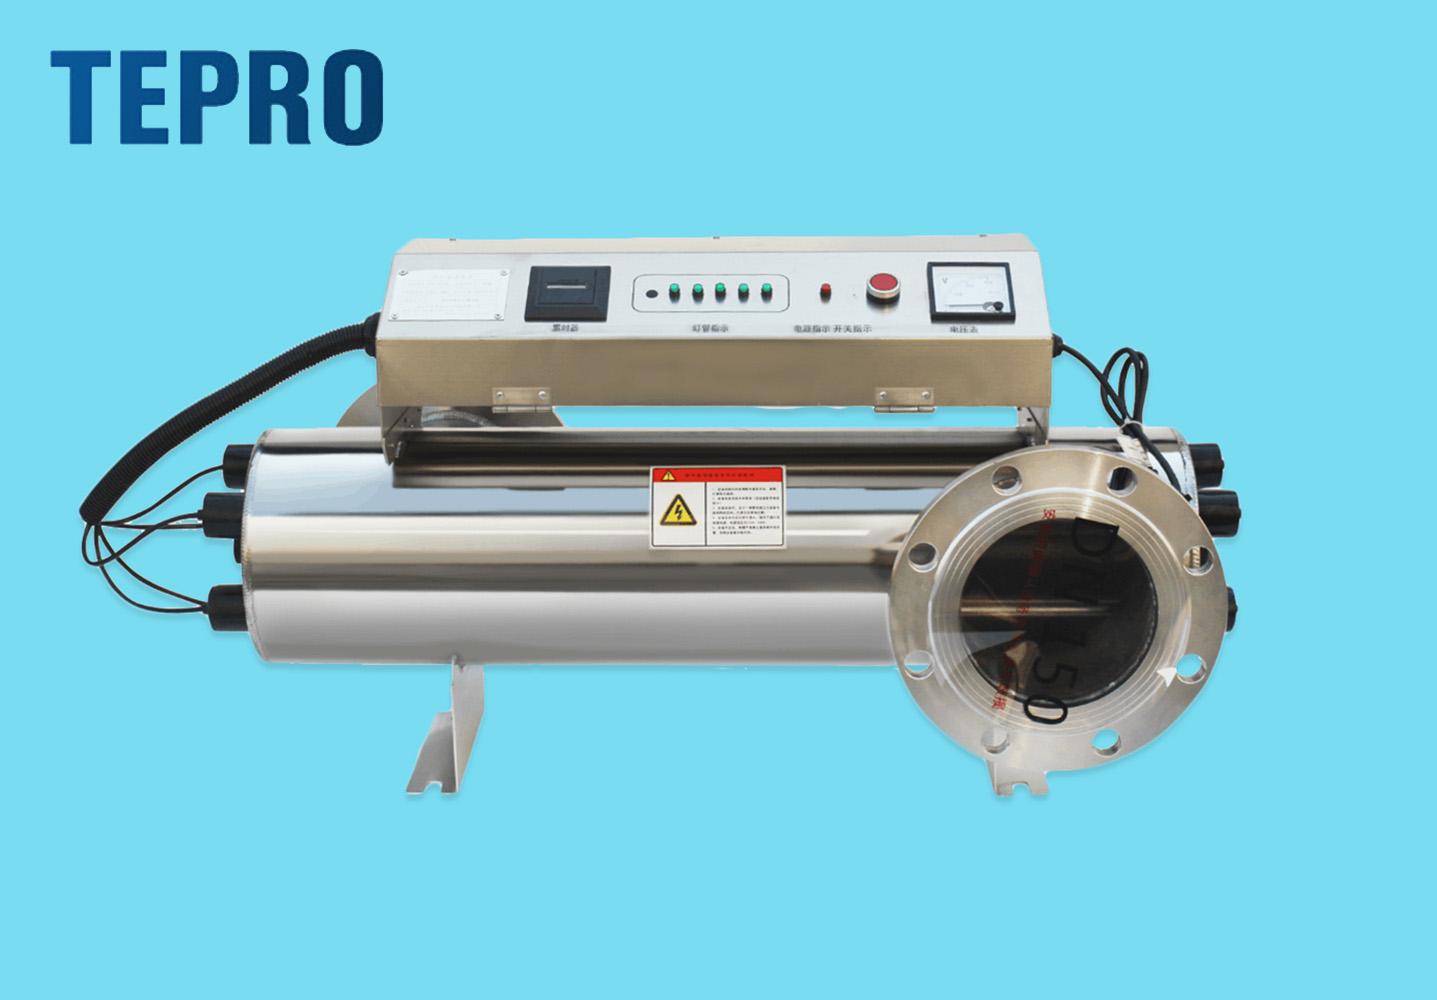 Tepro-Characteristics Of Ultraviolet Water Purifier, Tepro china Co, Ltd-1